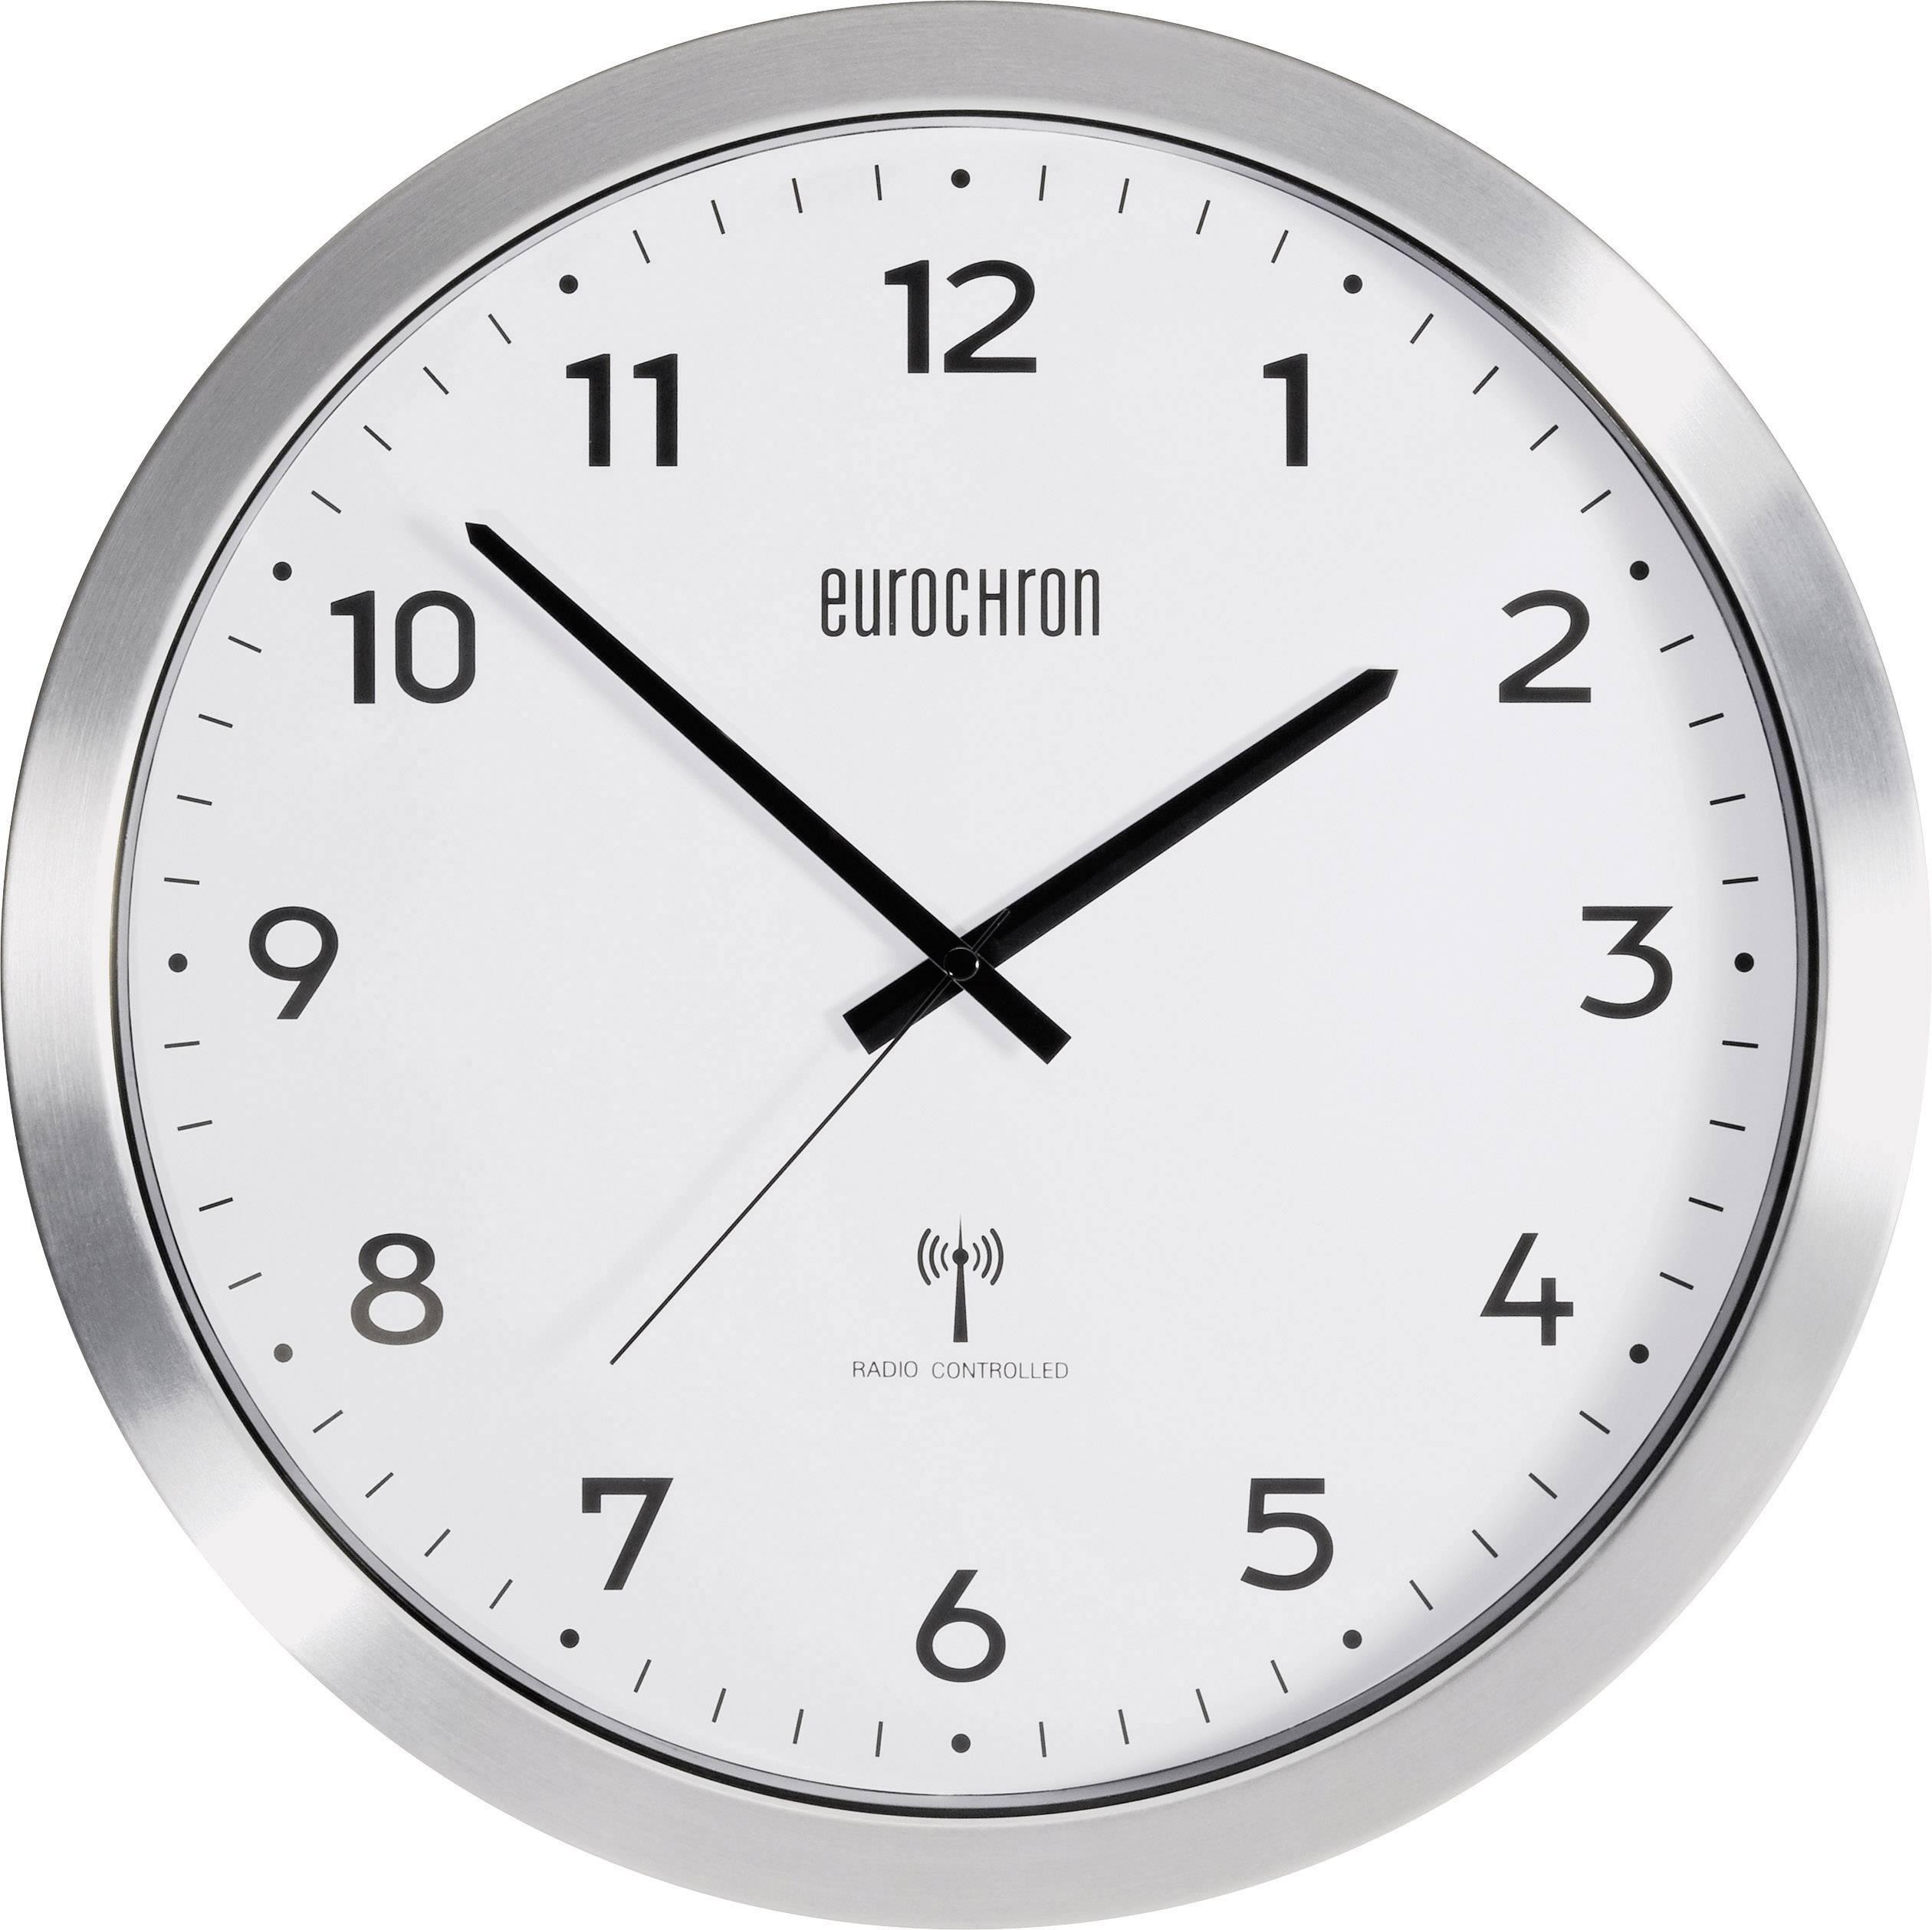 Zegar ścienny Analogowy Eurochron Efwu 2600 Sterowany Radiowo Srebrny ø 38 Cm